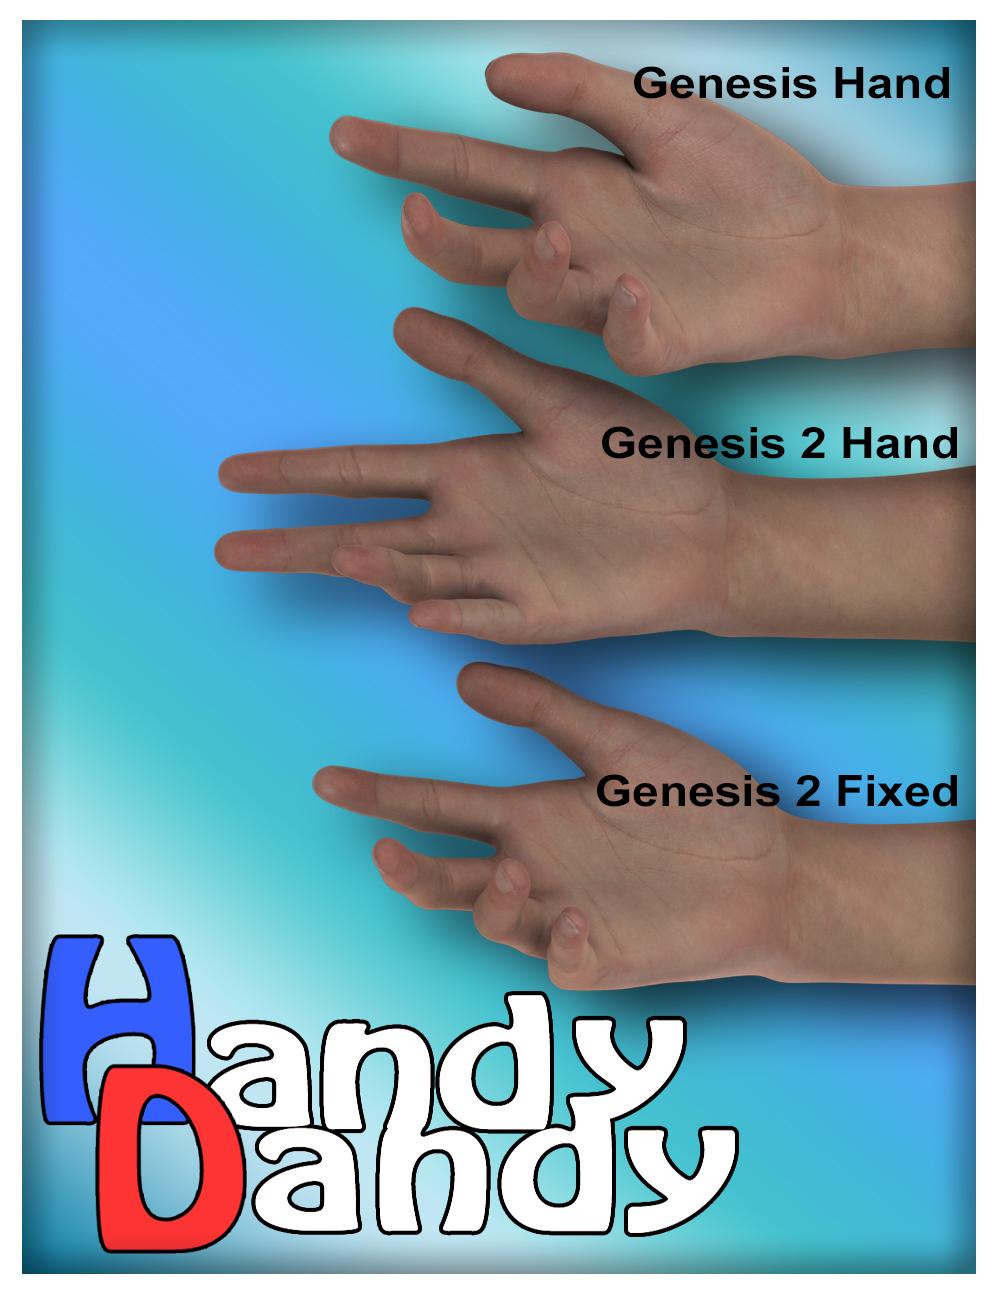 Handy Dandy by: SloshWerks, 3D Models by Daz 3D